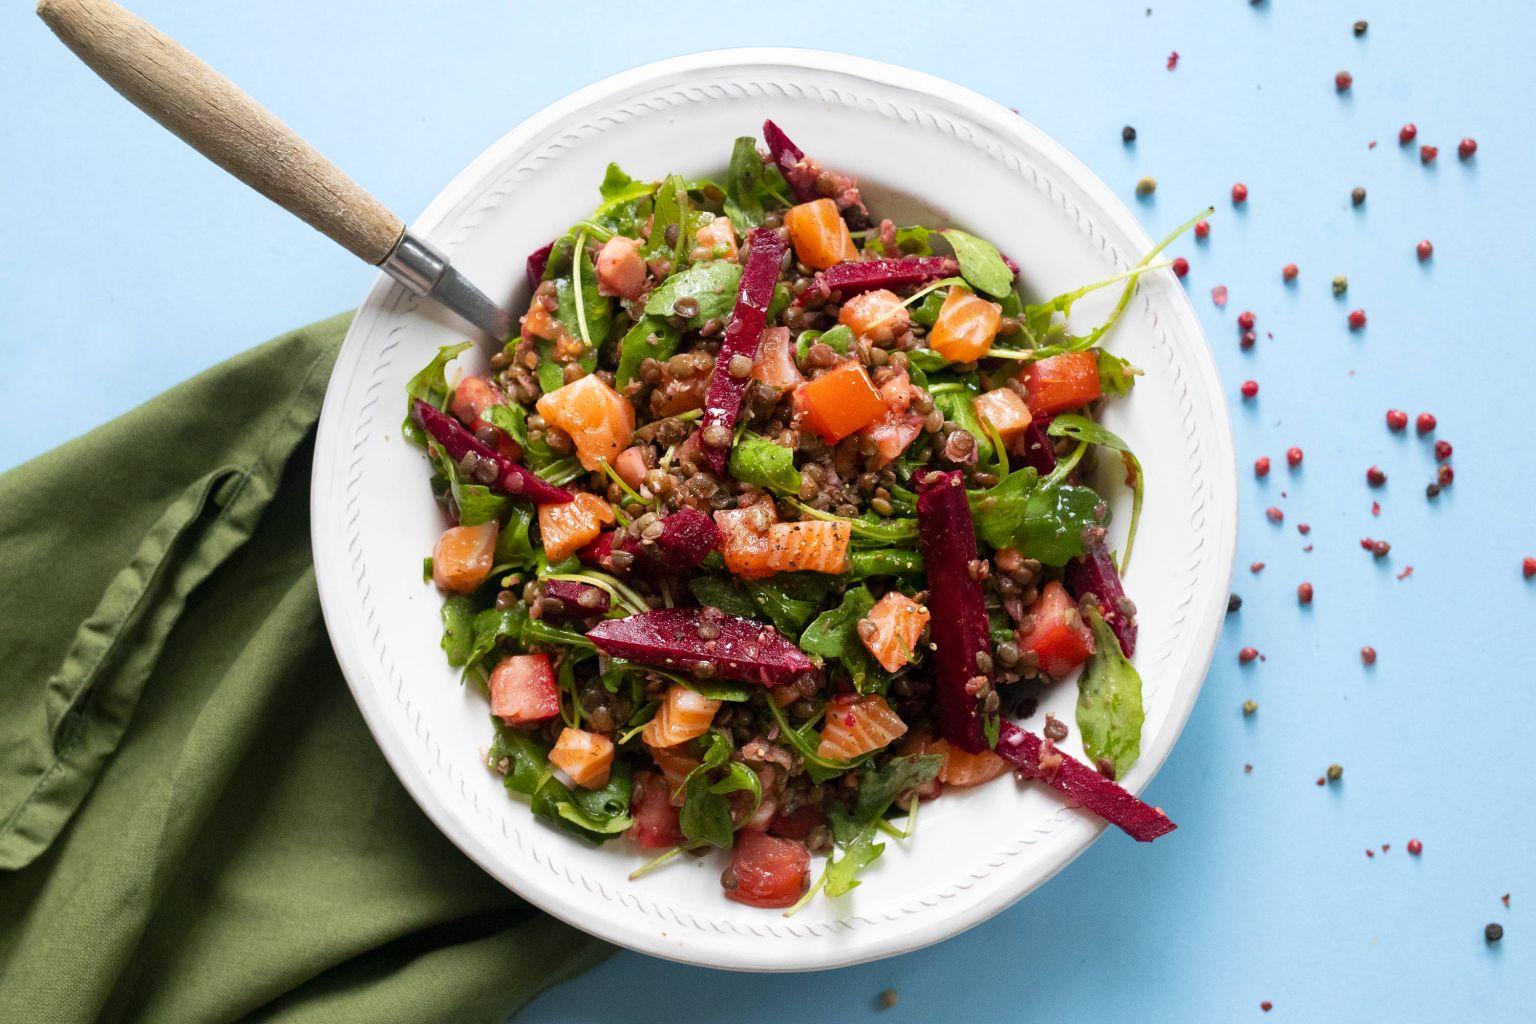 Salade de tartare de saumon aux épices nordiques et betterave